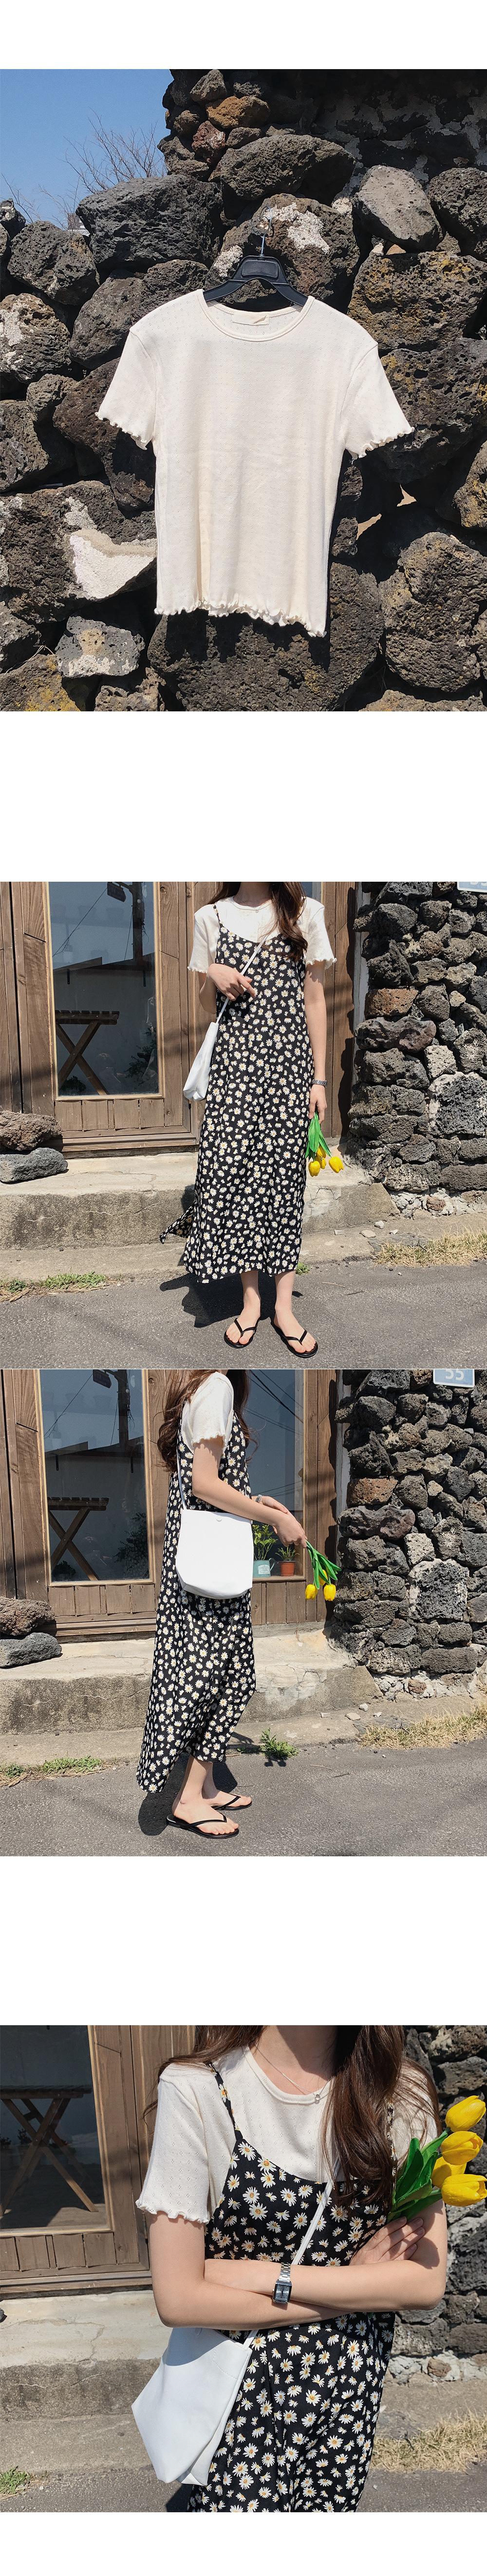 Baren Flower Dress